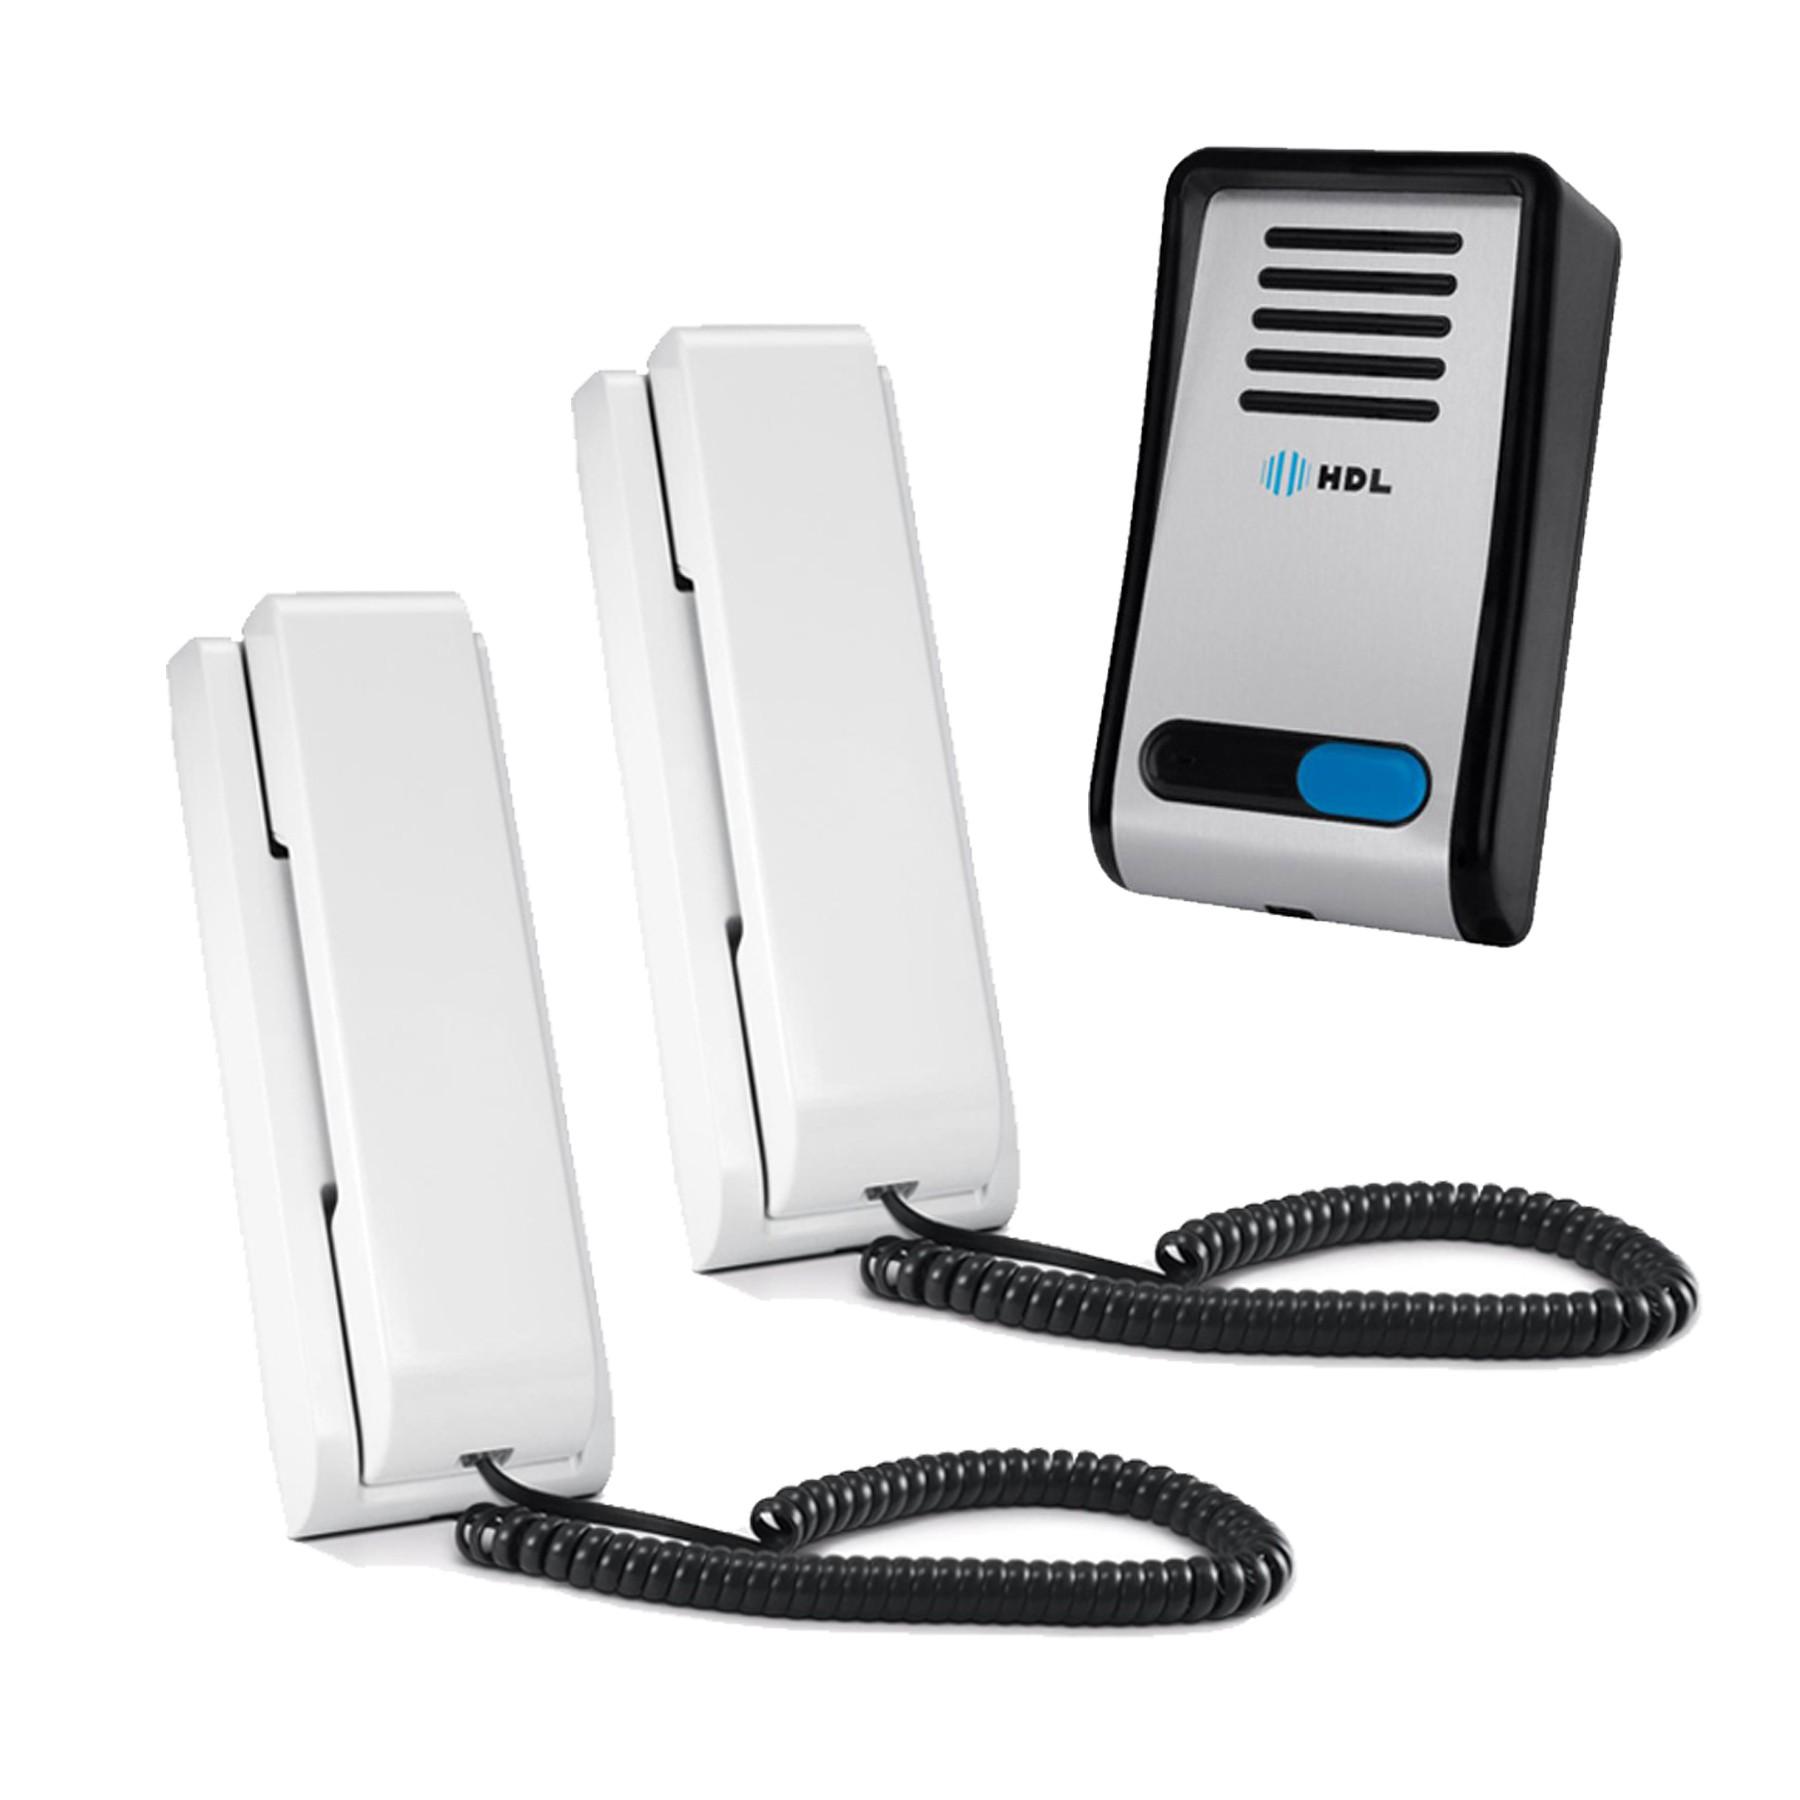 Porteiro Eletrônico HDL F8-SNTL Com + Interfone AZ